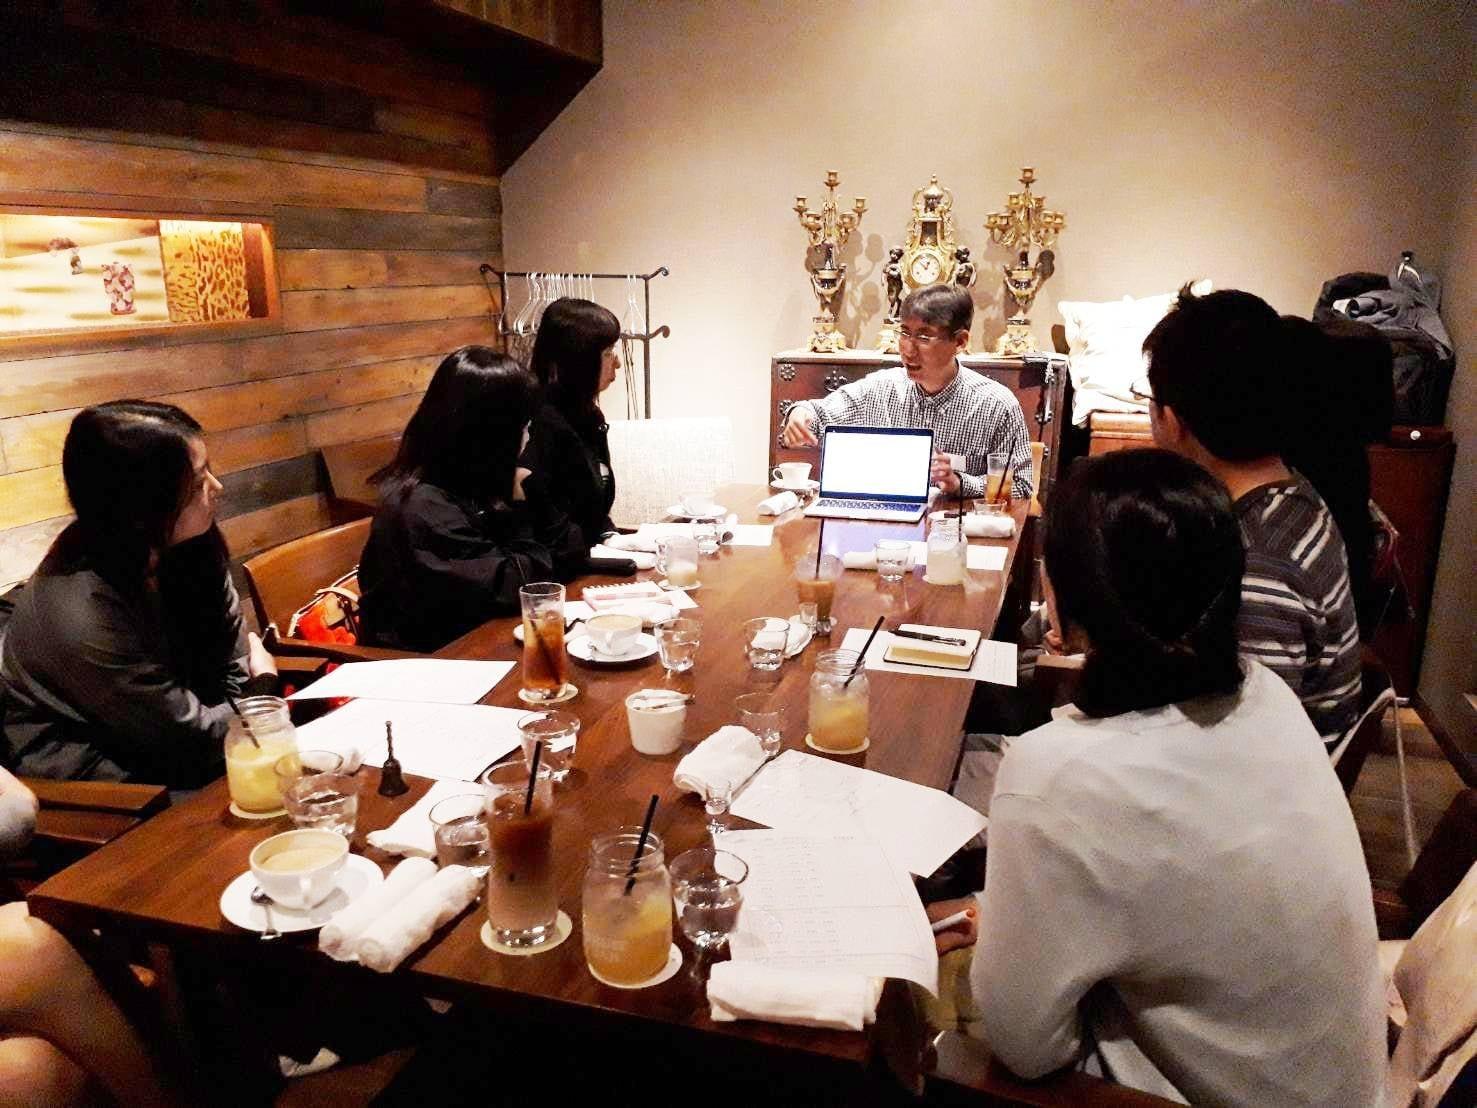 【名古屋8/12】卒業生・トレーニング生限定!マインド再構築フォローアップ座談会!のイメージその1